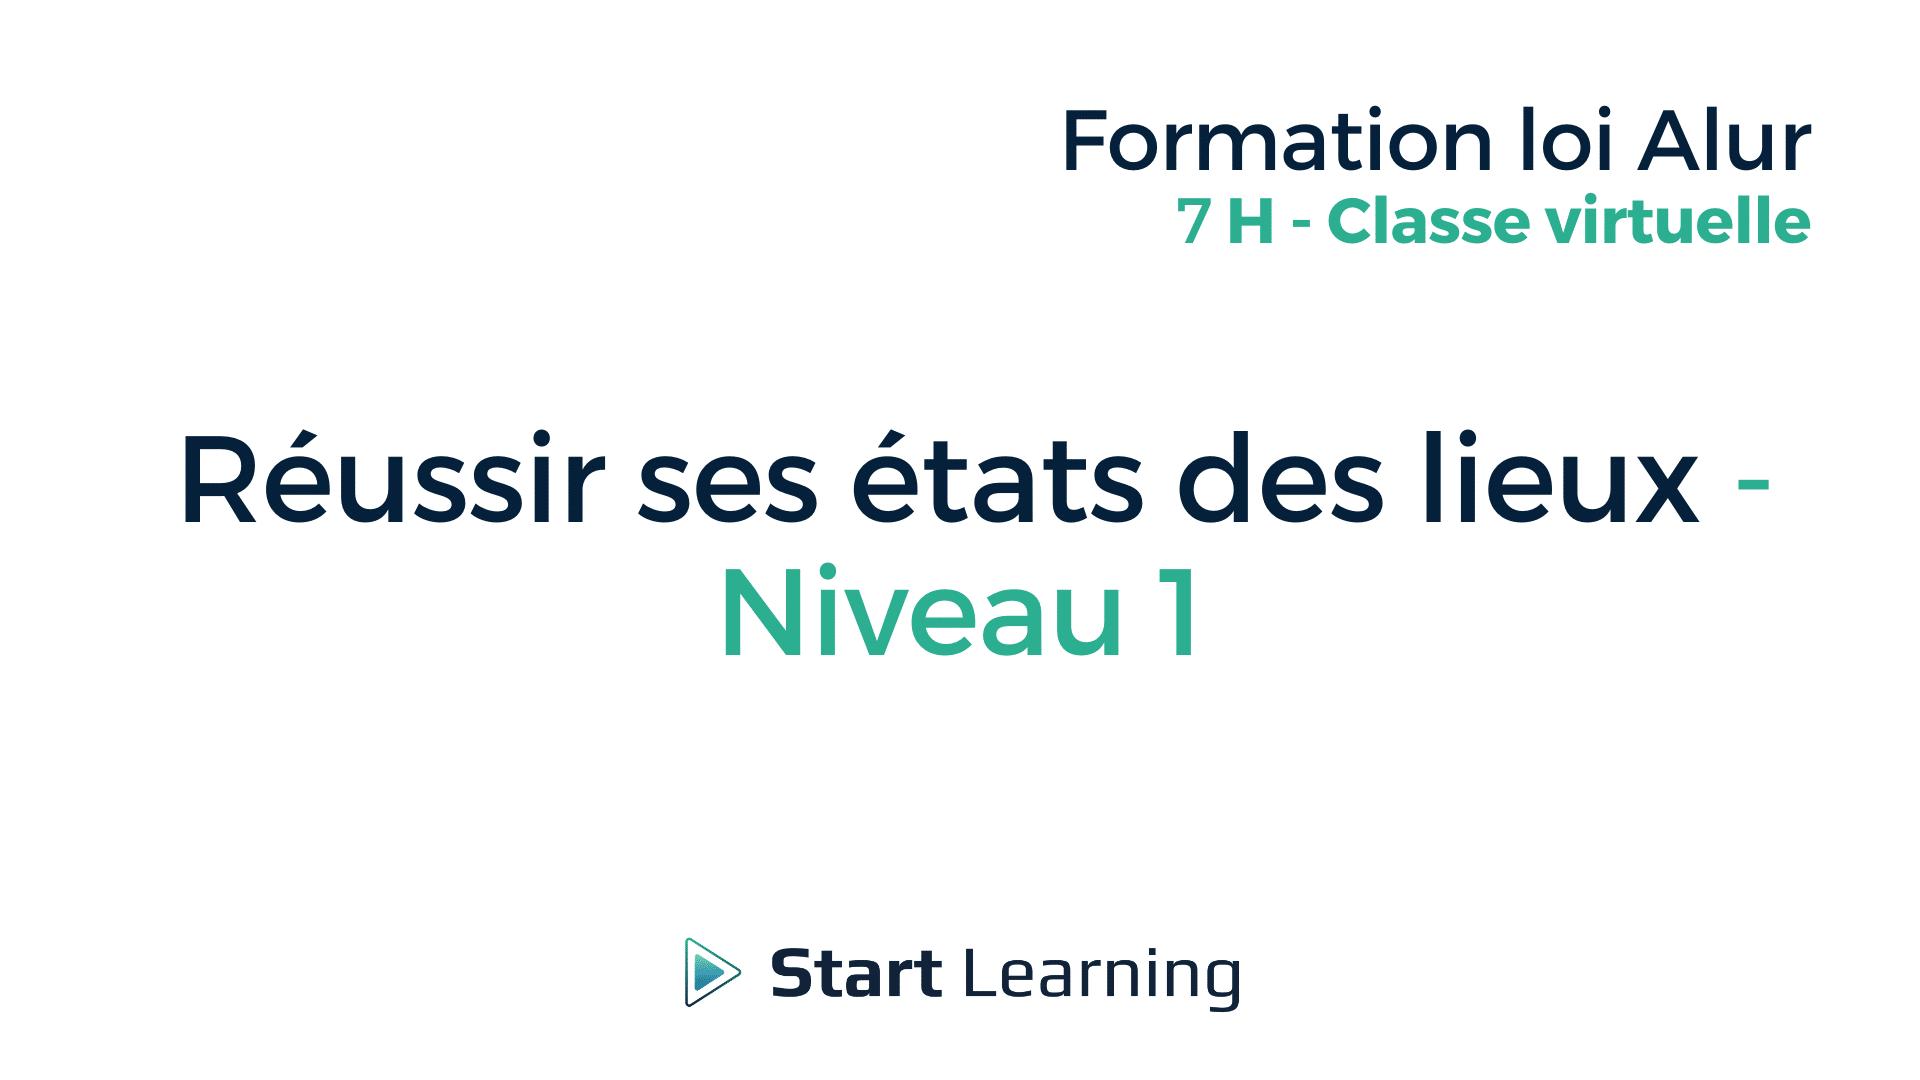 Formation loi Alur en classe virtuelle - Réussir ses états des lieux - Niveau 1